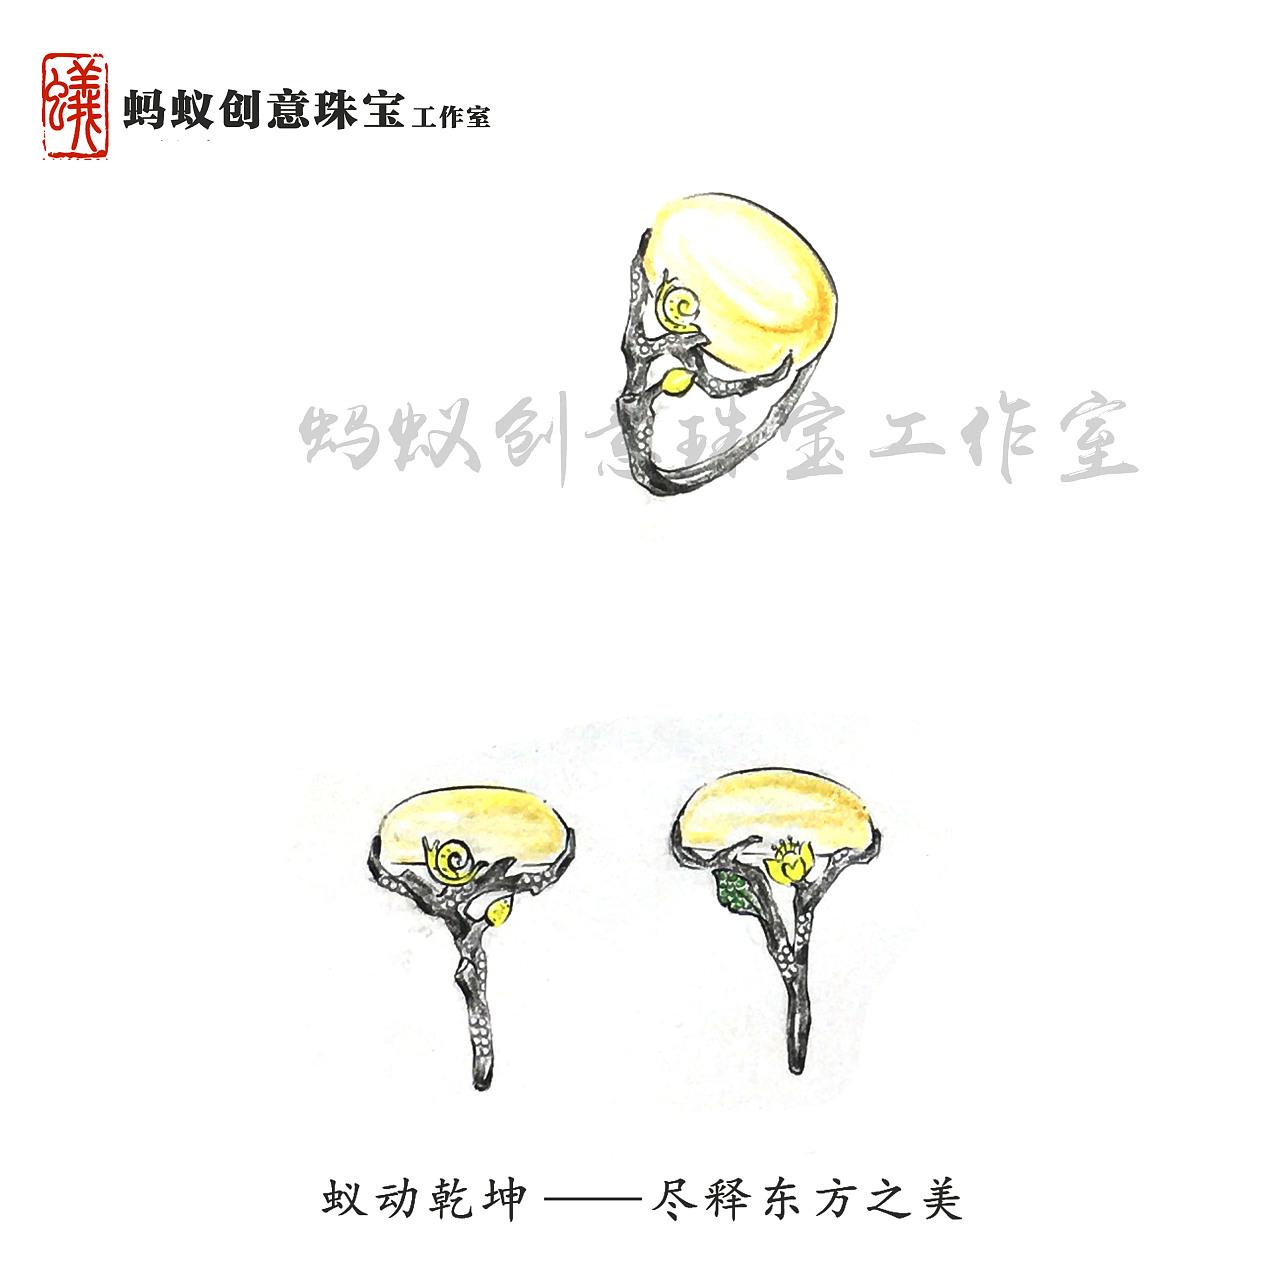 [蚂蚁创意珠宝] 18k金镶嵌琥珀戒指 欢迎指导意见图片